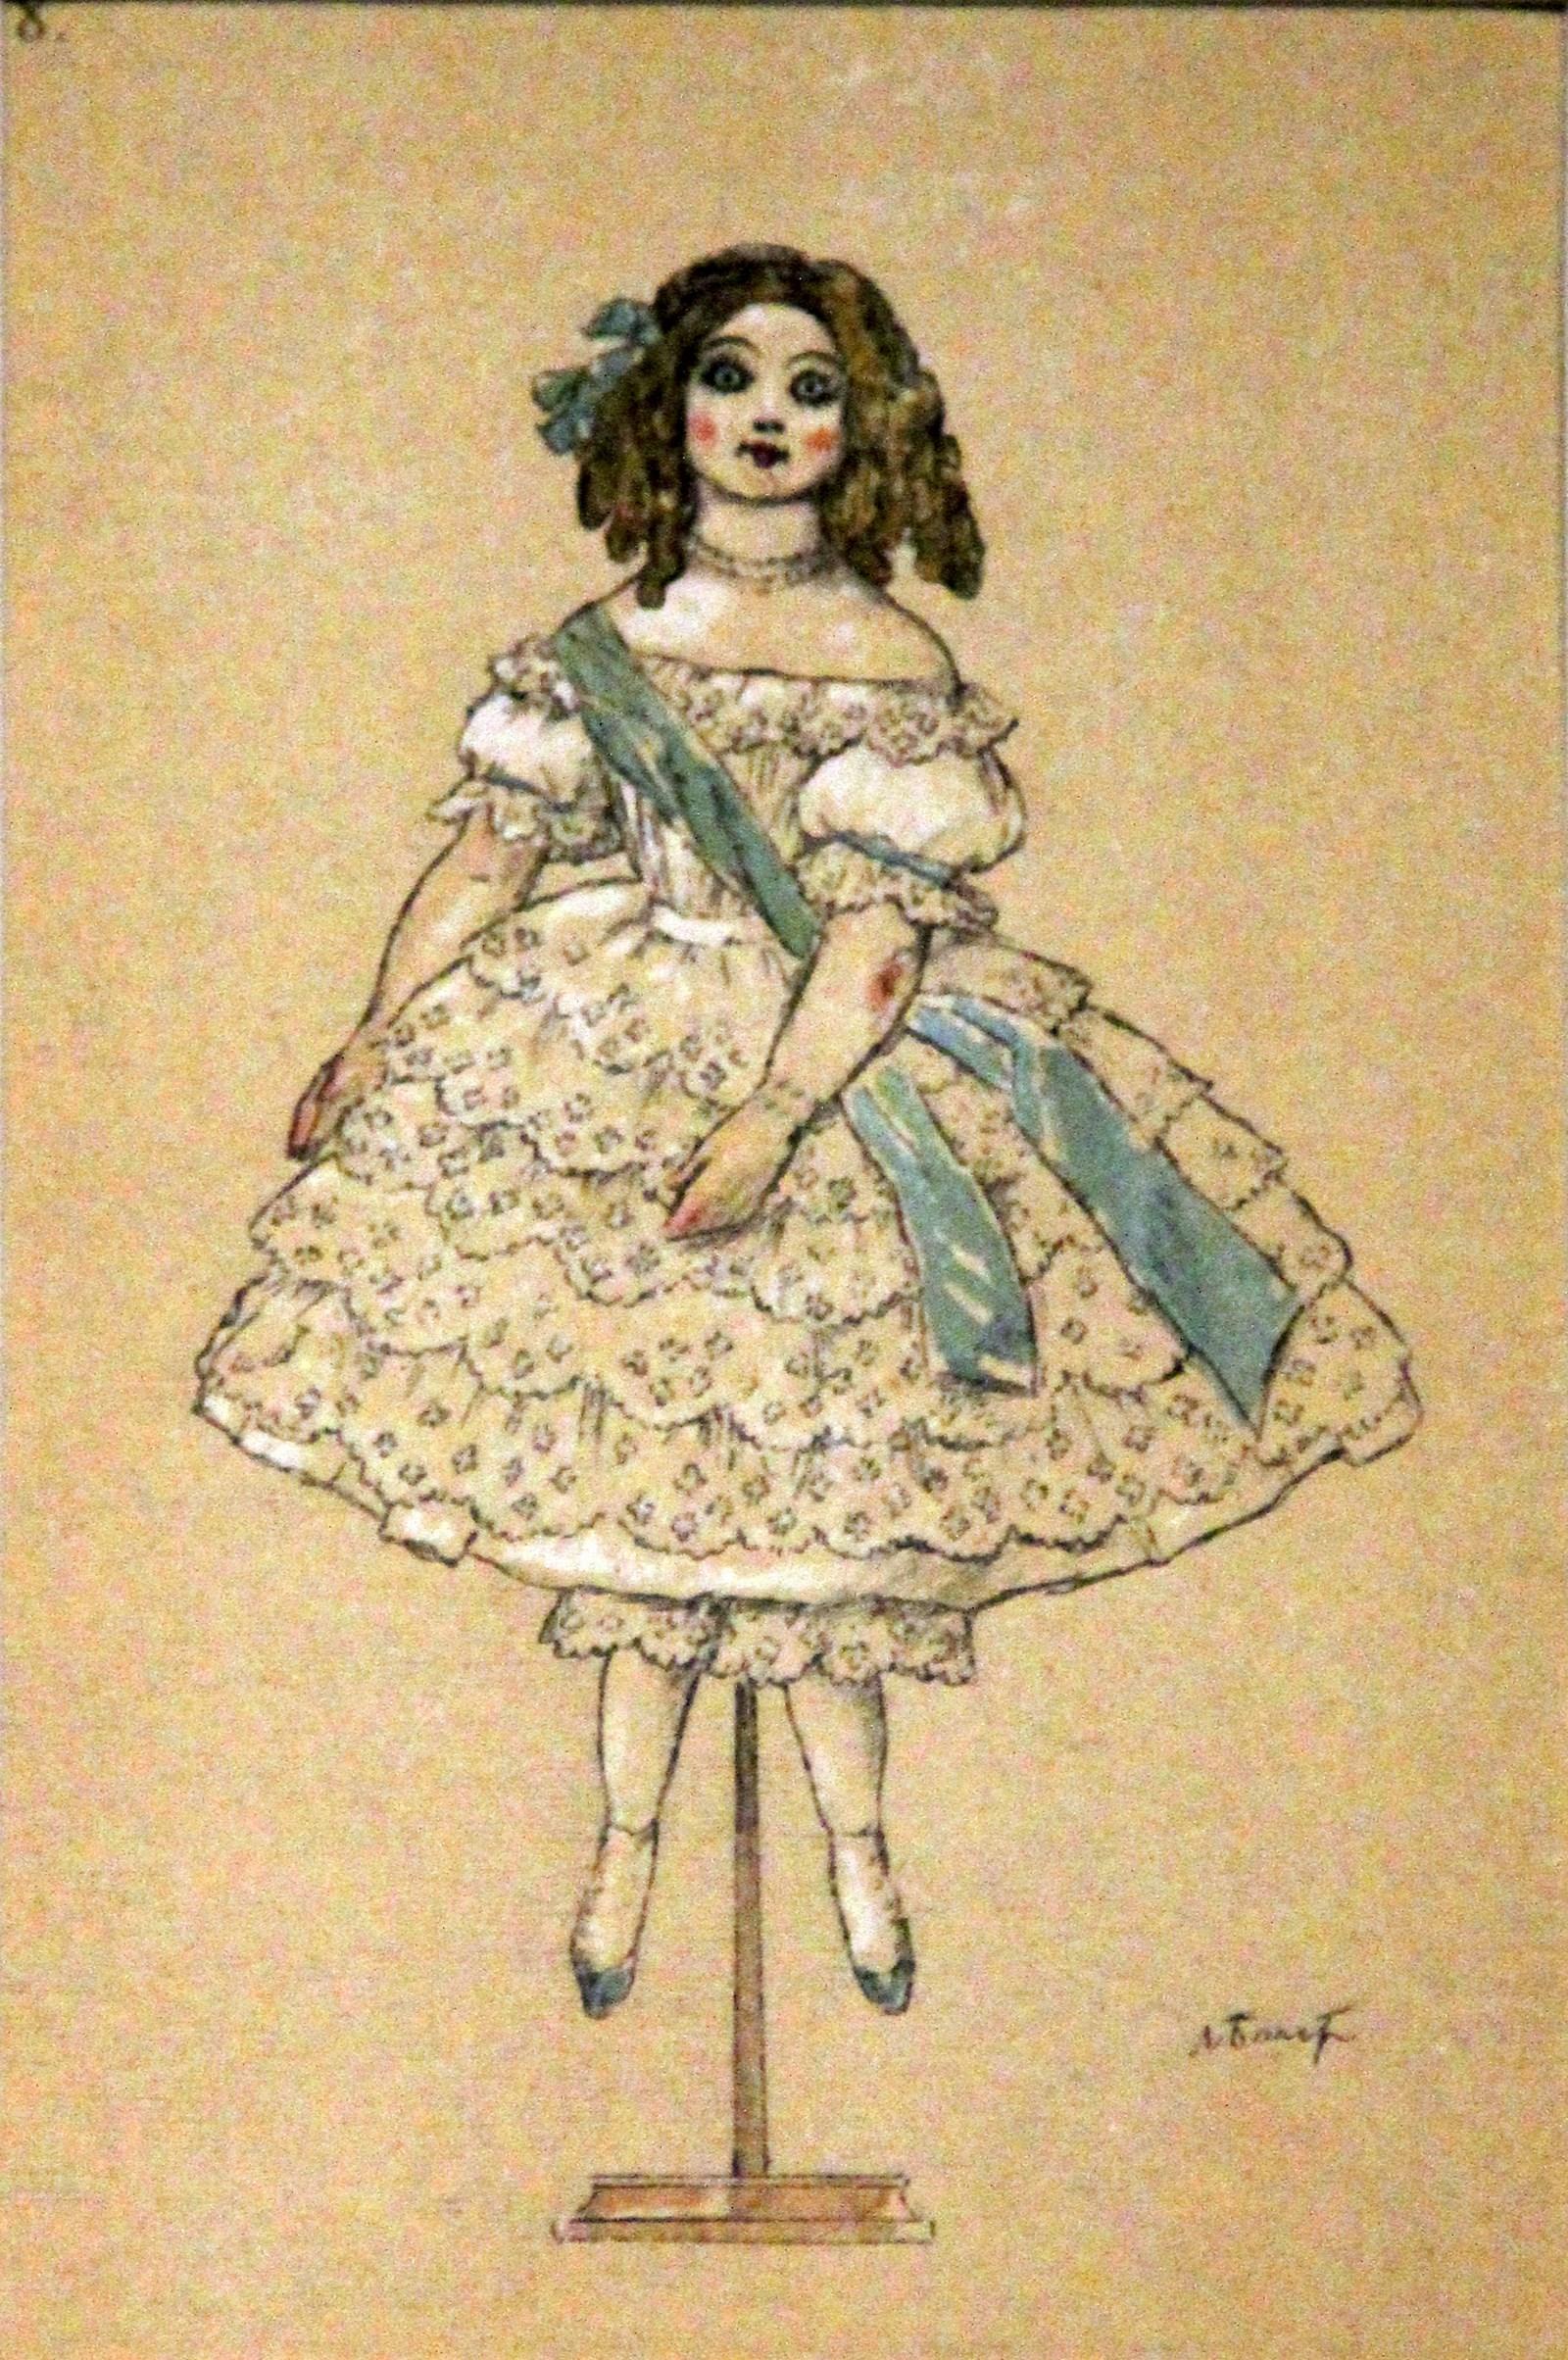 Одна из фарфоровых кукол. Бакст Л. Фея кукол. Источник заметки: aldusku.livejournal.com